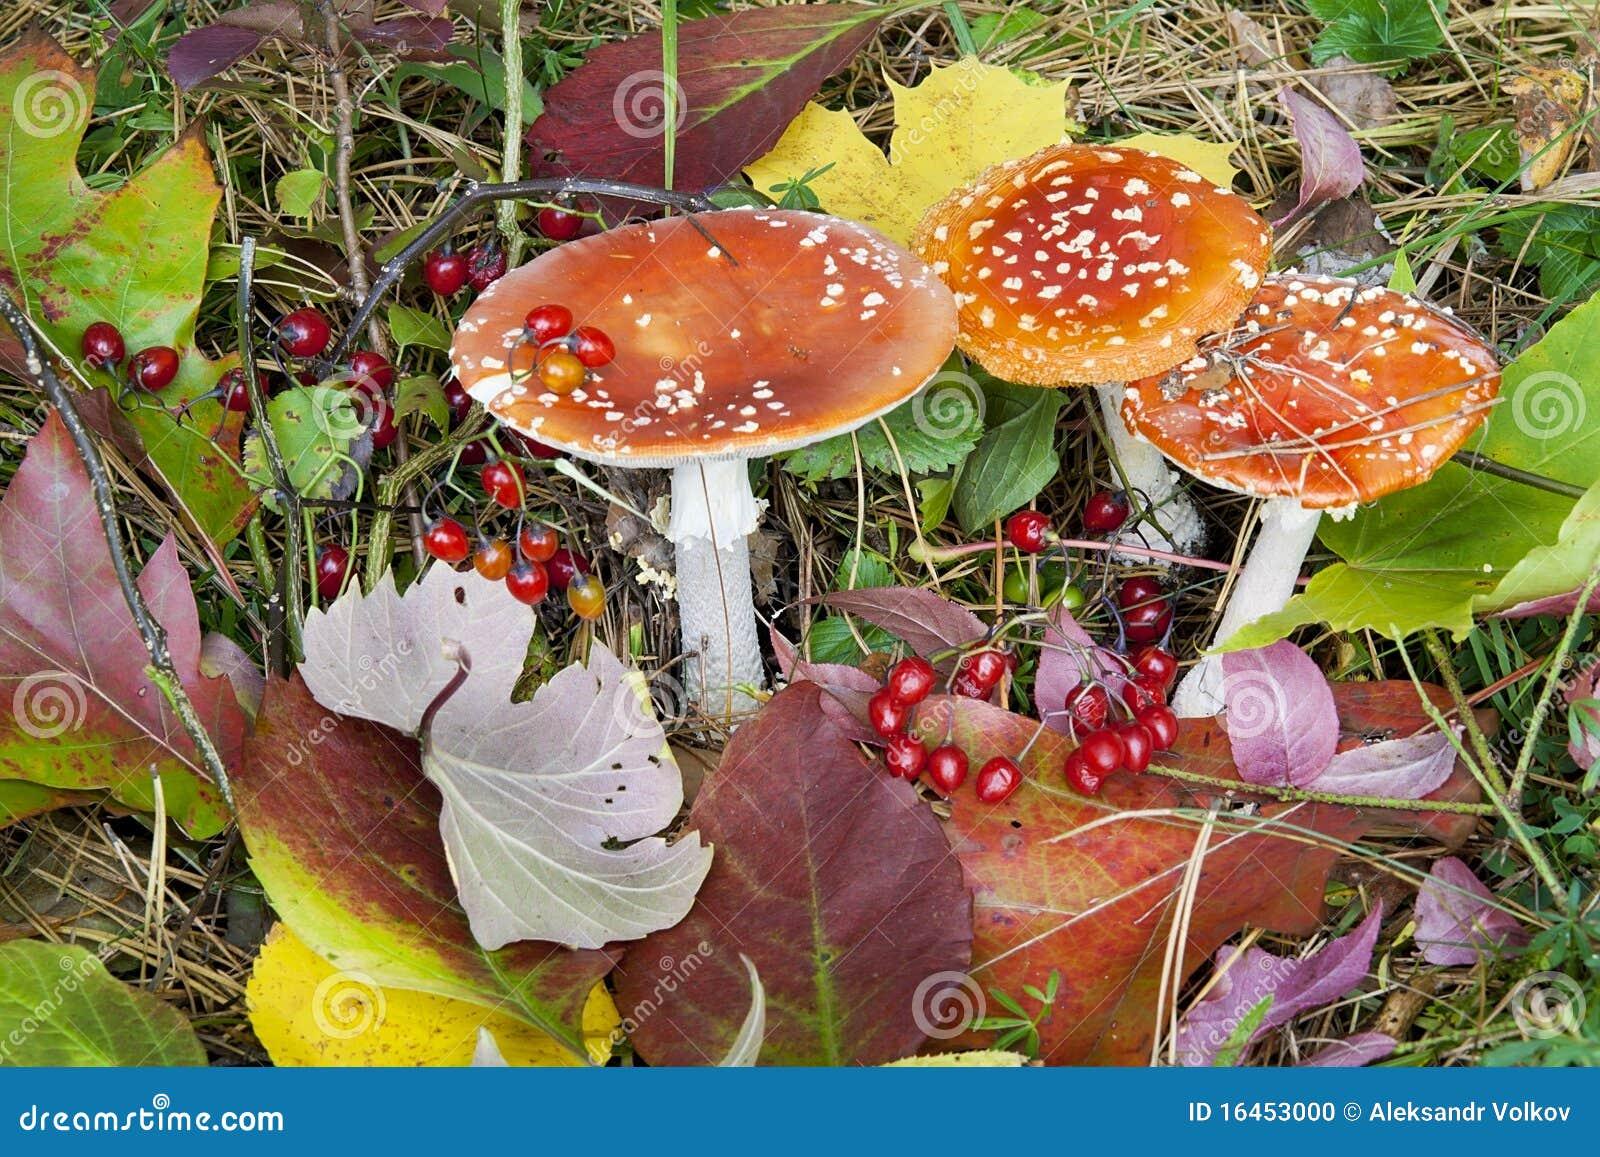 Fondo del otoño - setas, bayas y hojas